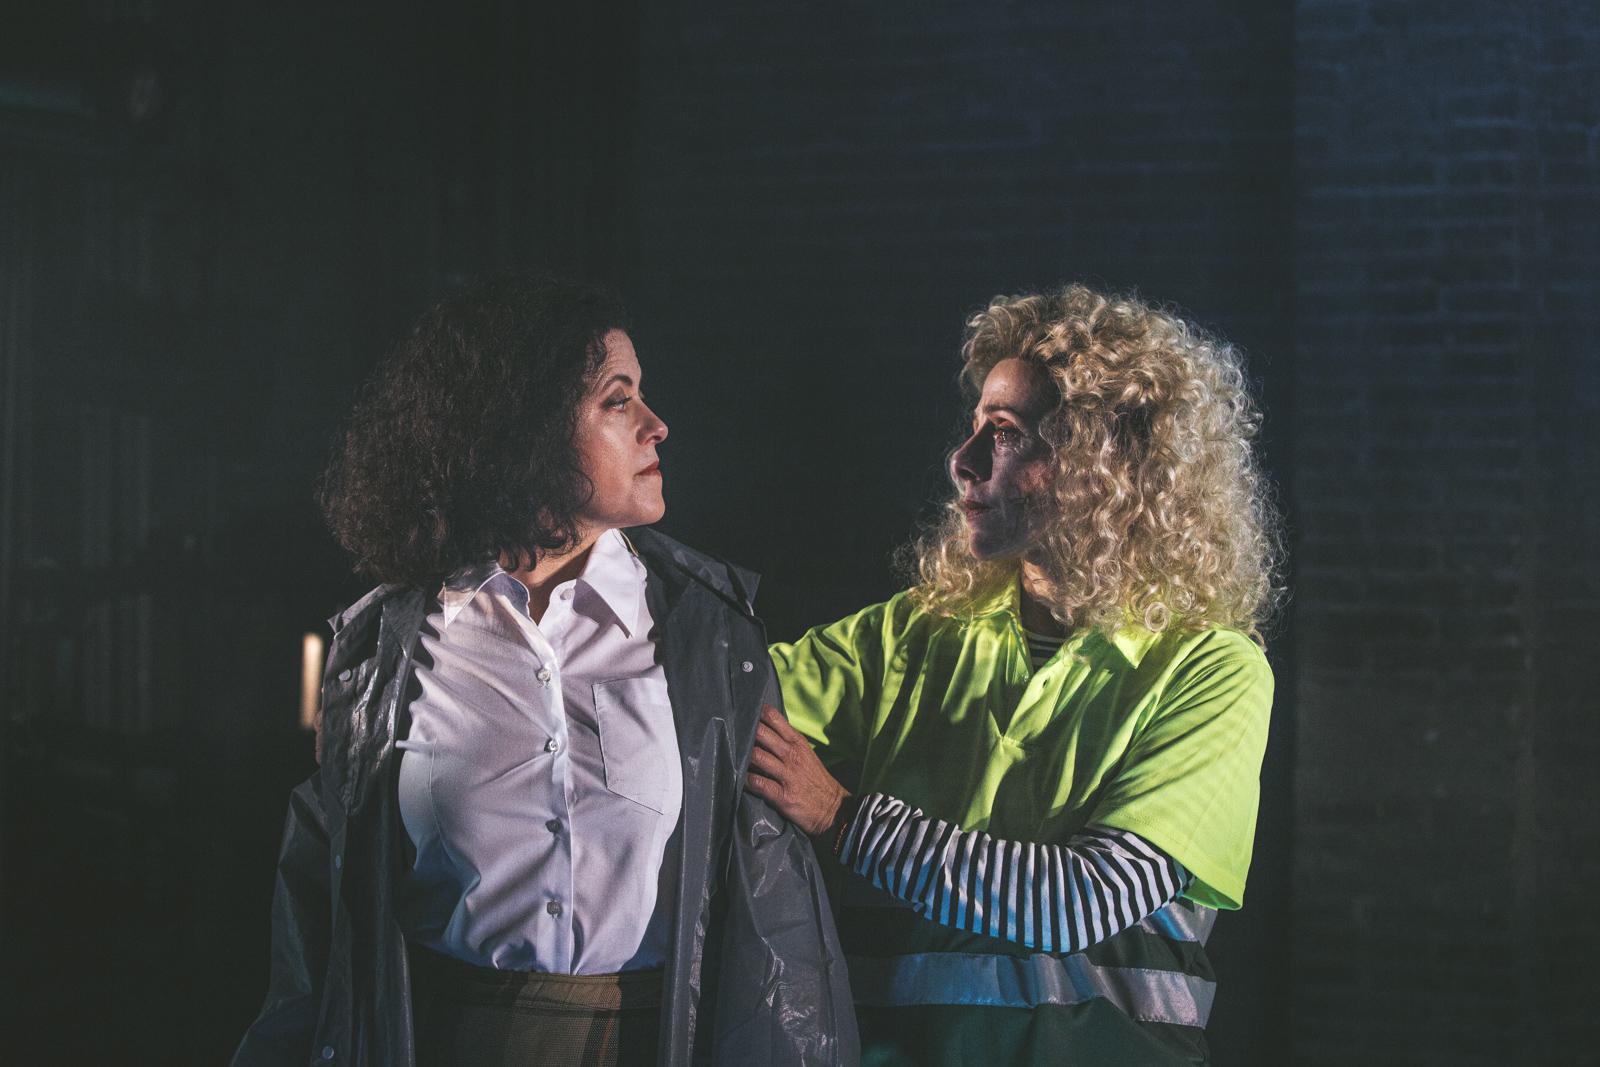 Màrcia Cisteró i Antònia Jaume protagonitzen 'El jardí' a la Sala Beckett. Foto: Pere Cots